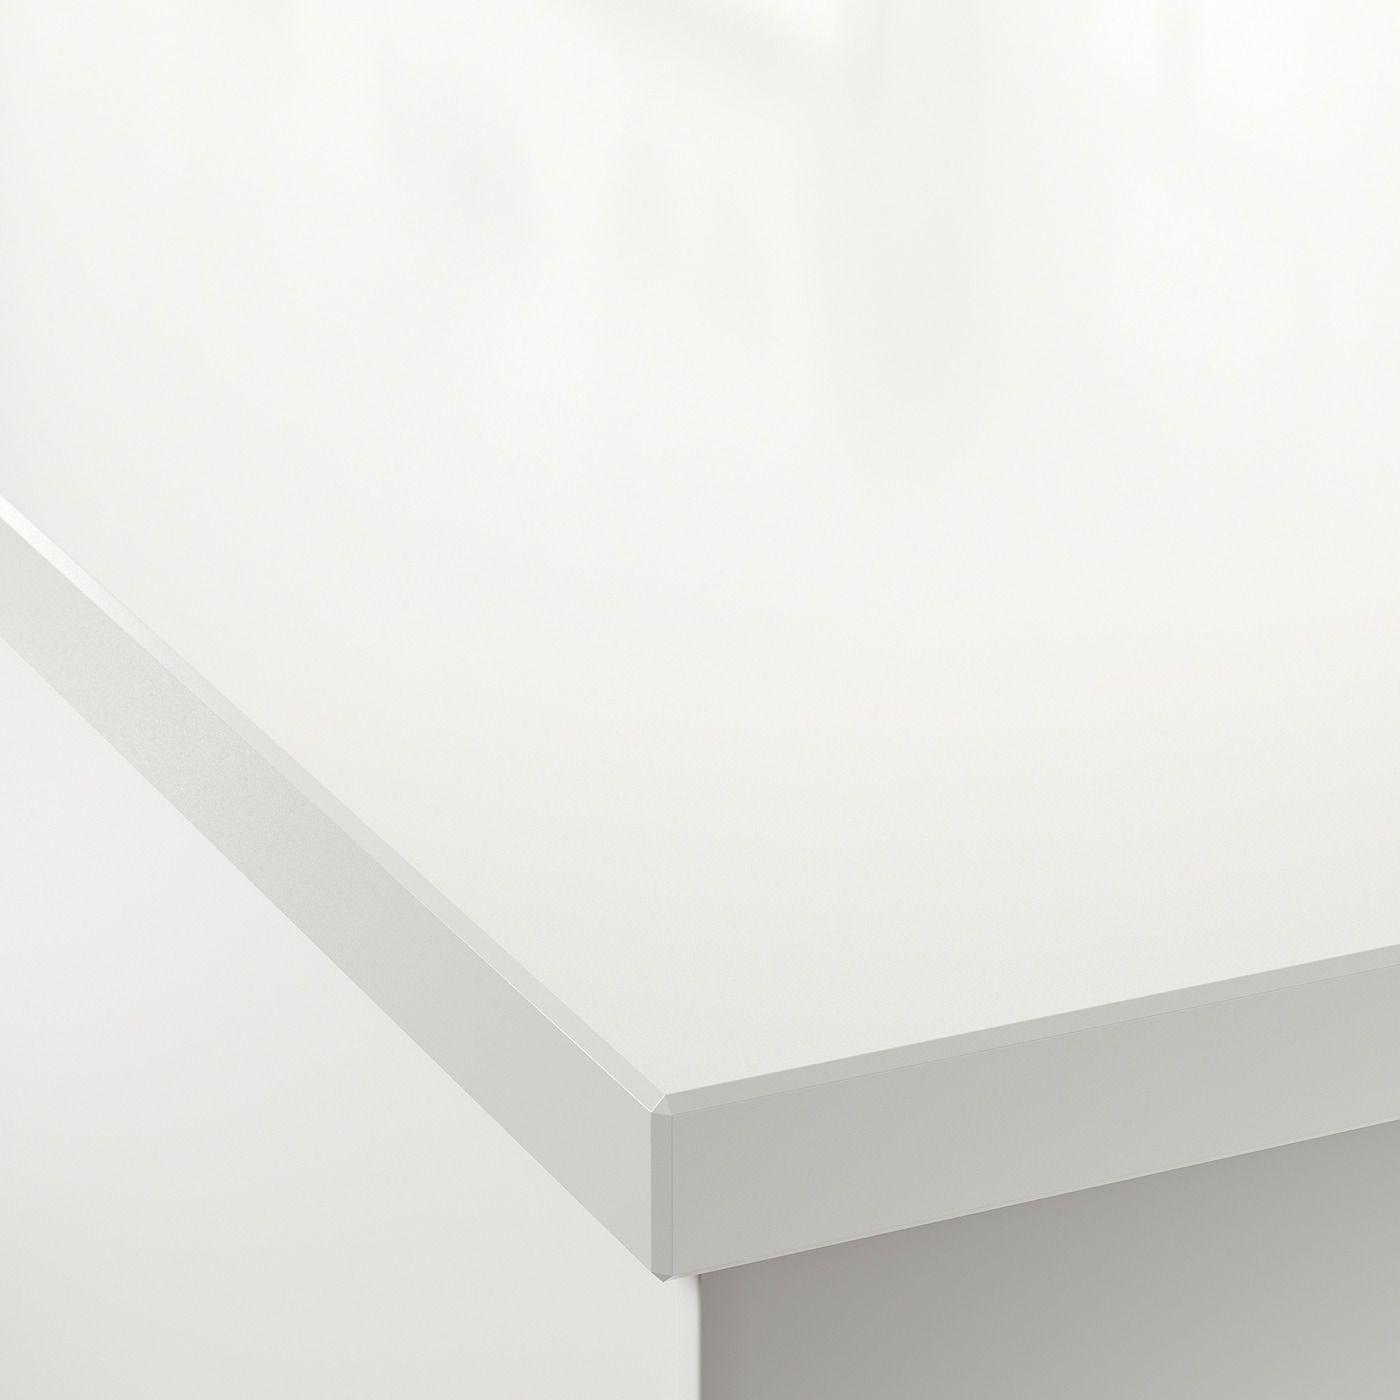 Oxsten Massarbeitsplatte Weiss Steinkomposit Ikea Osterreich In 2020 Ikea Steinmehl Und Arbeitsplatte